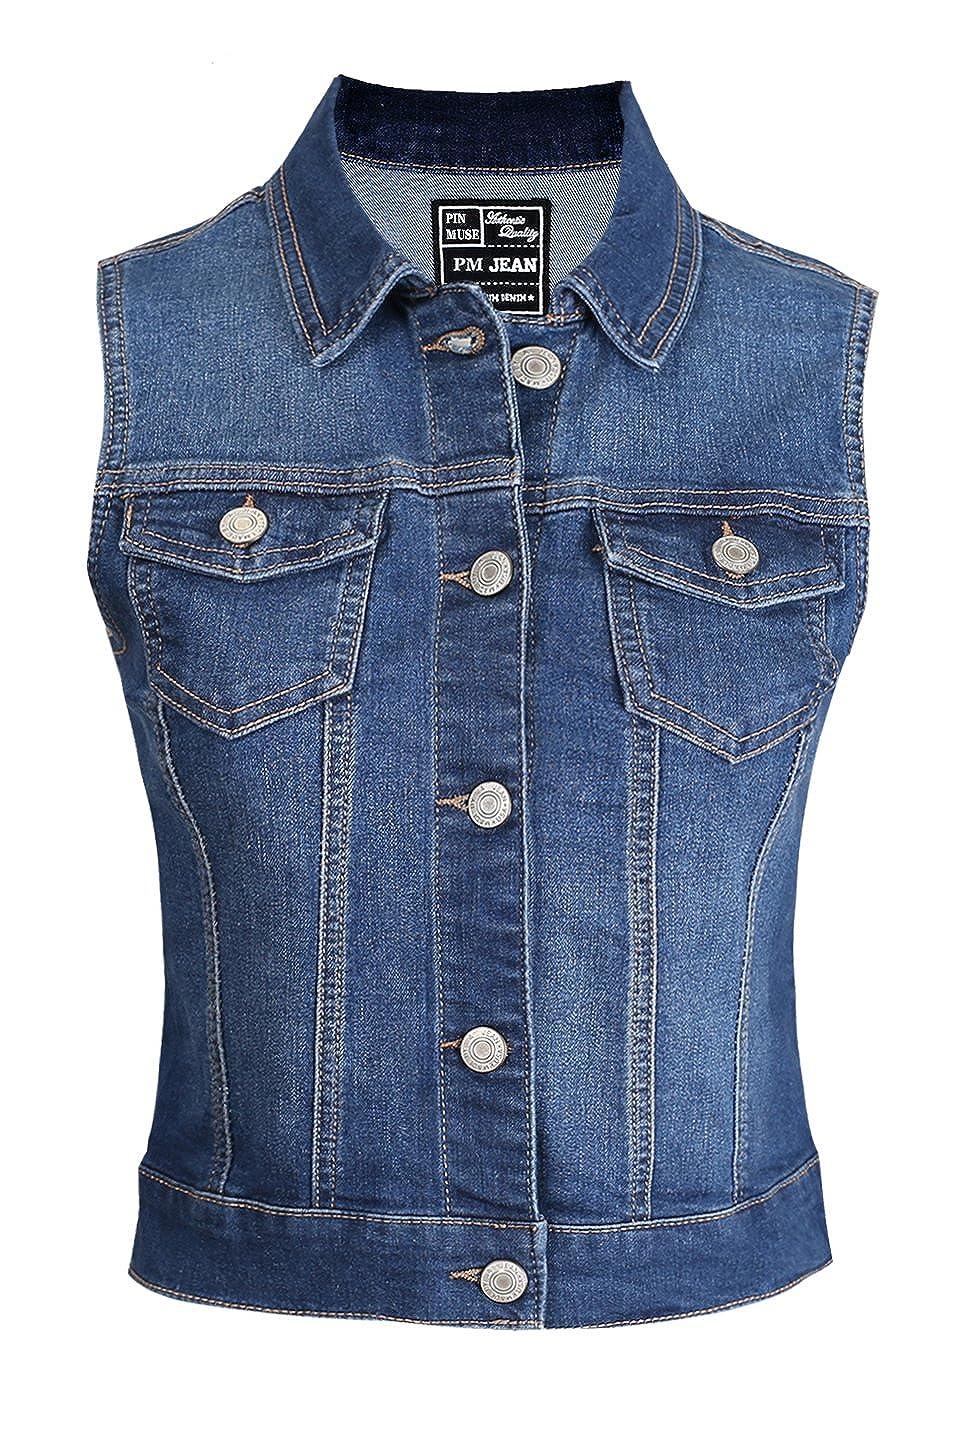 Women's Denim Vest Stretchy Nice Stone Washed W Hand sanding S M L 1XL 2XL 3XL